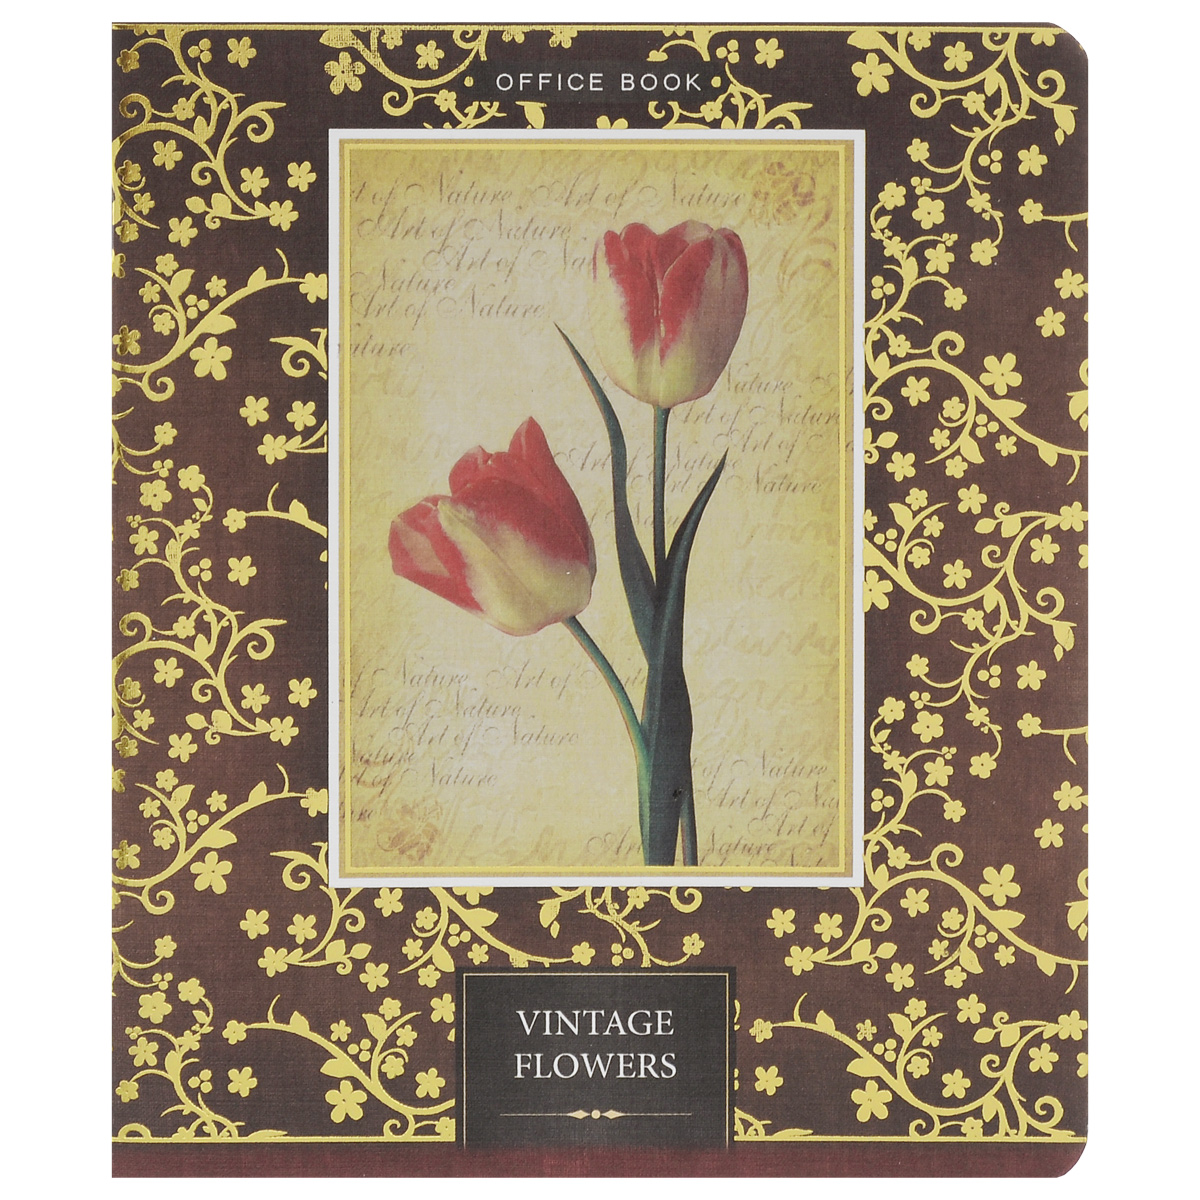 Тетрадь Vintage Flowers Два тюльпана отлично подходит для различных работ.  Обложка тетради с элементами золотого тиснения выполнена из матового картона с закругленными углами.  Внутренний блок тетради соединен металлическими скрепками и состоит из 60 листов высококачественной бумаги повышенной белизны. Стандартная линовка в клетку дополнена полями, совпадающими с лицевой и оборотной стороны листа. Первая страничка содержит поля для заполнения личных данных.